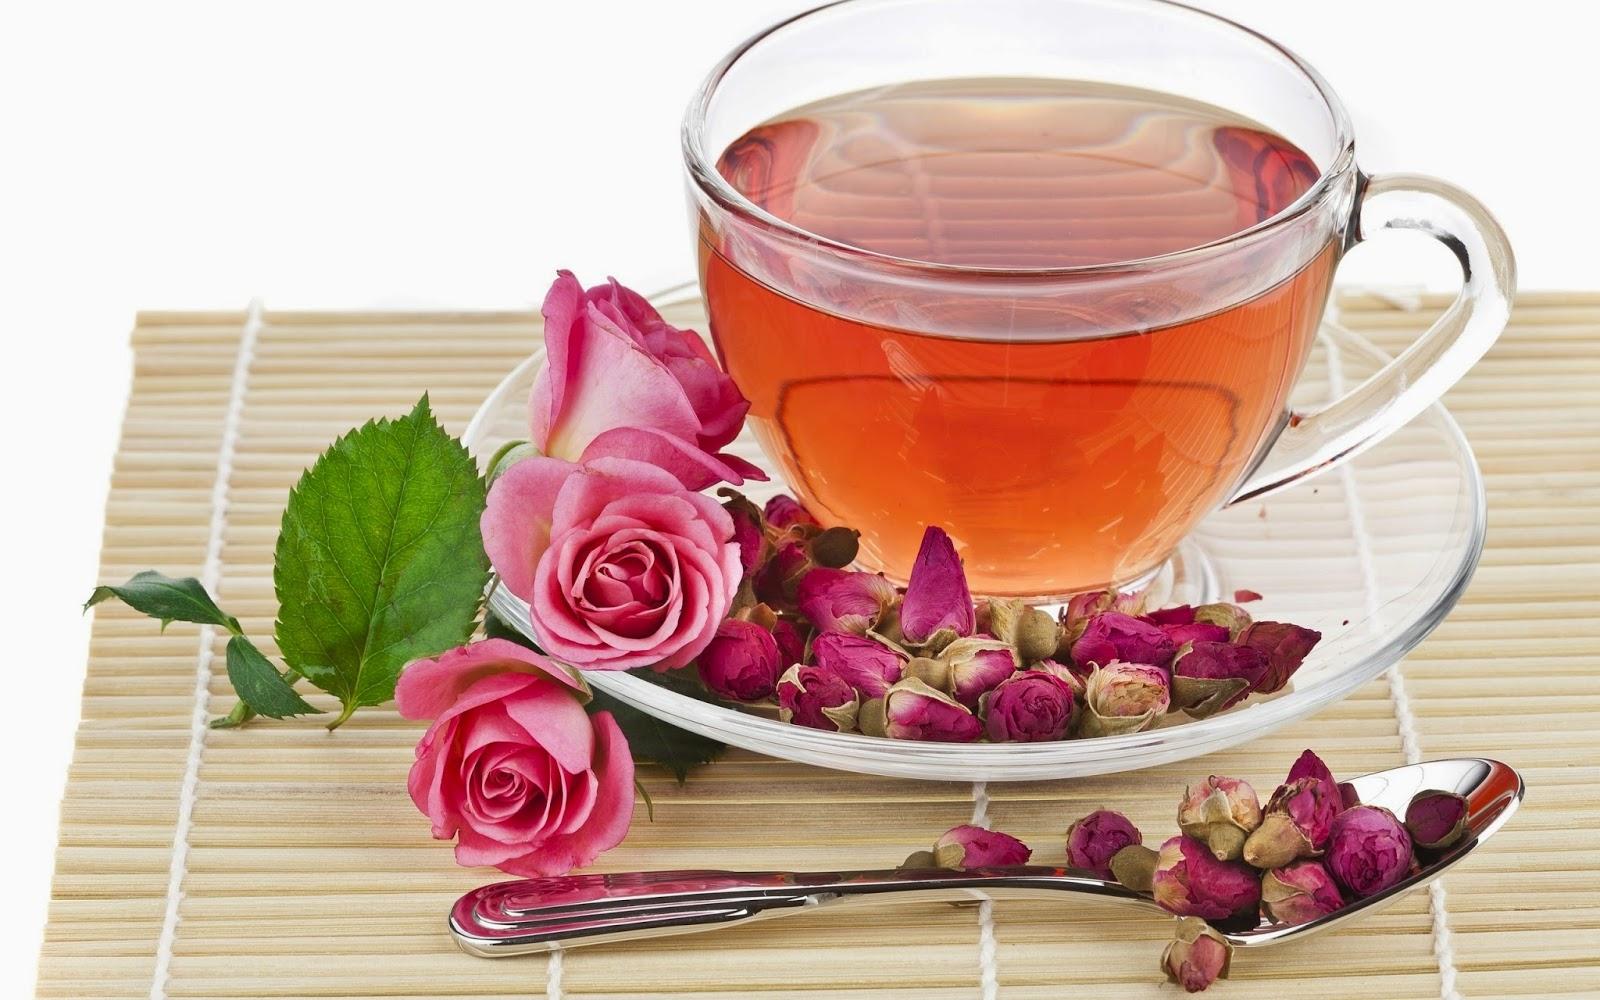 Открытки. Международный день чая. С днем чая!